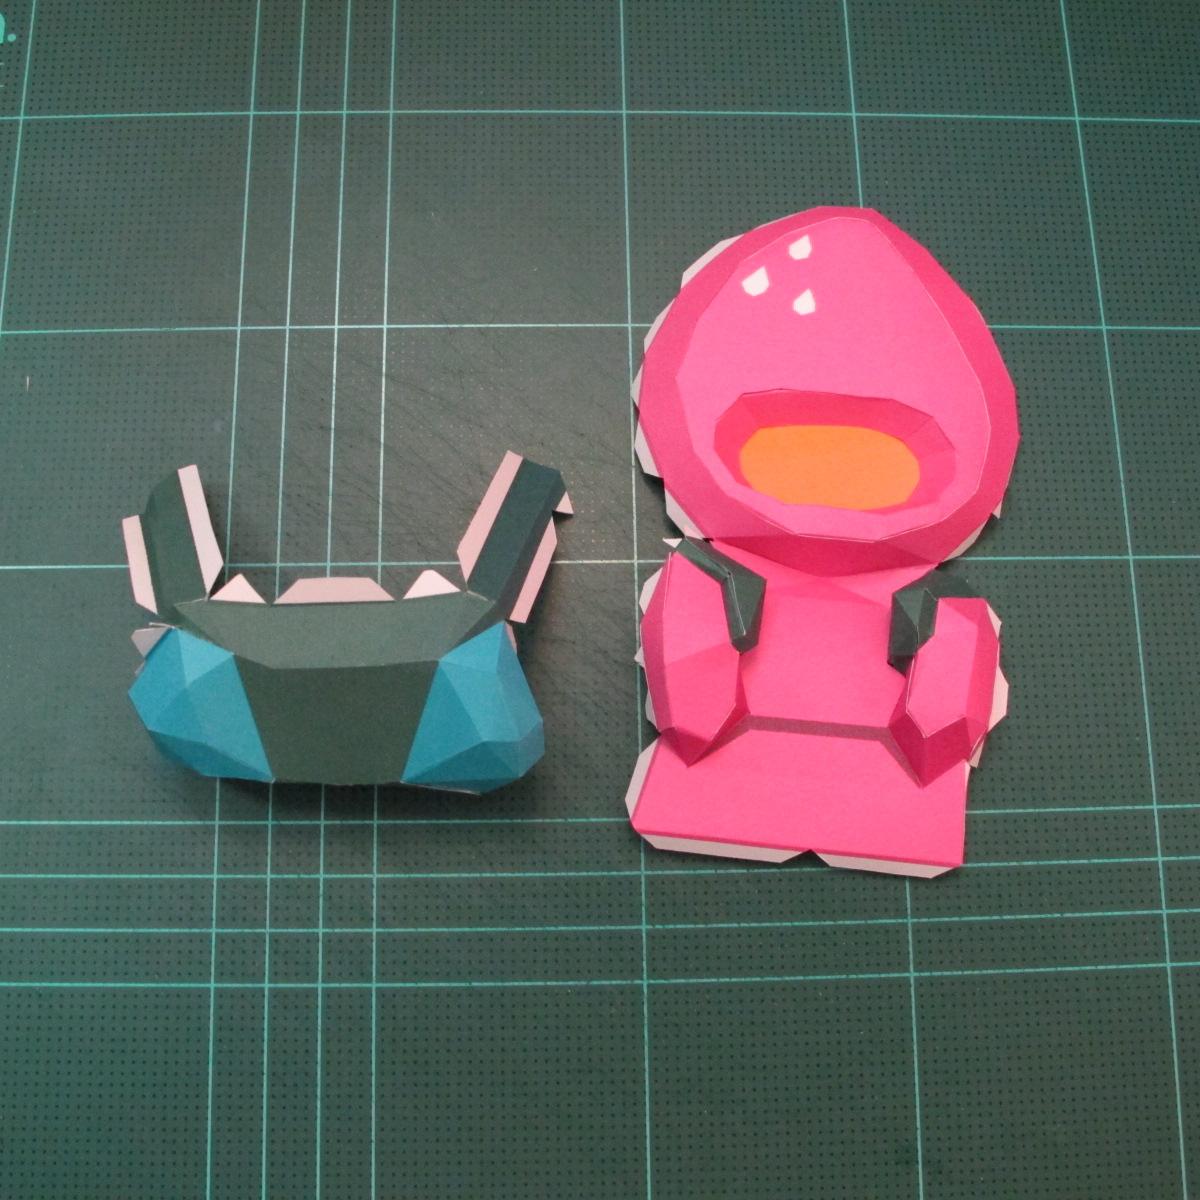 วิธีทำโมเดลกระดาษตุ้กตาคุกกี้รัน คุกกี้รสสตอเบอรี่ (LINE Cookie Run Strawberry Cookie Papercraft Model) 028